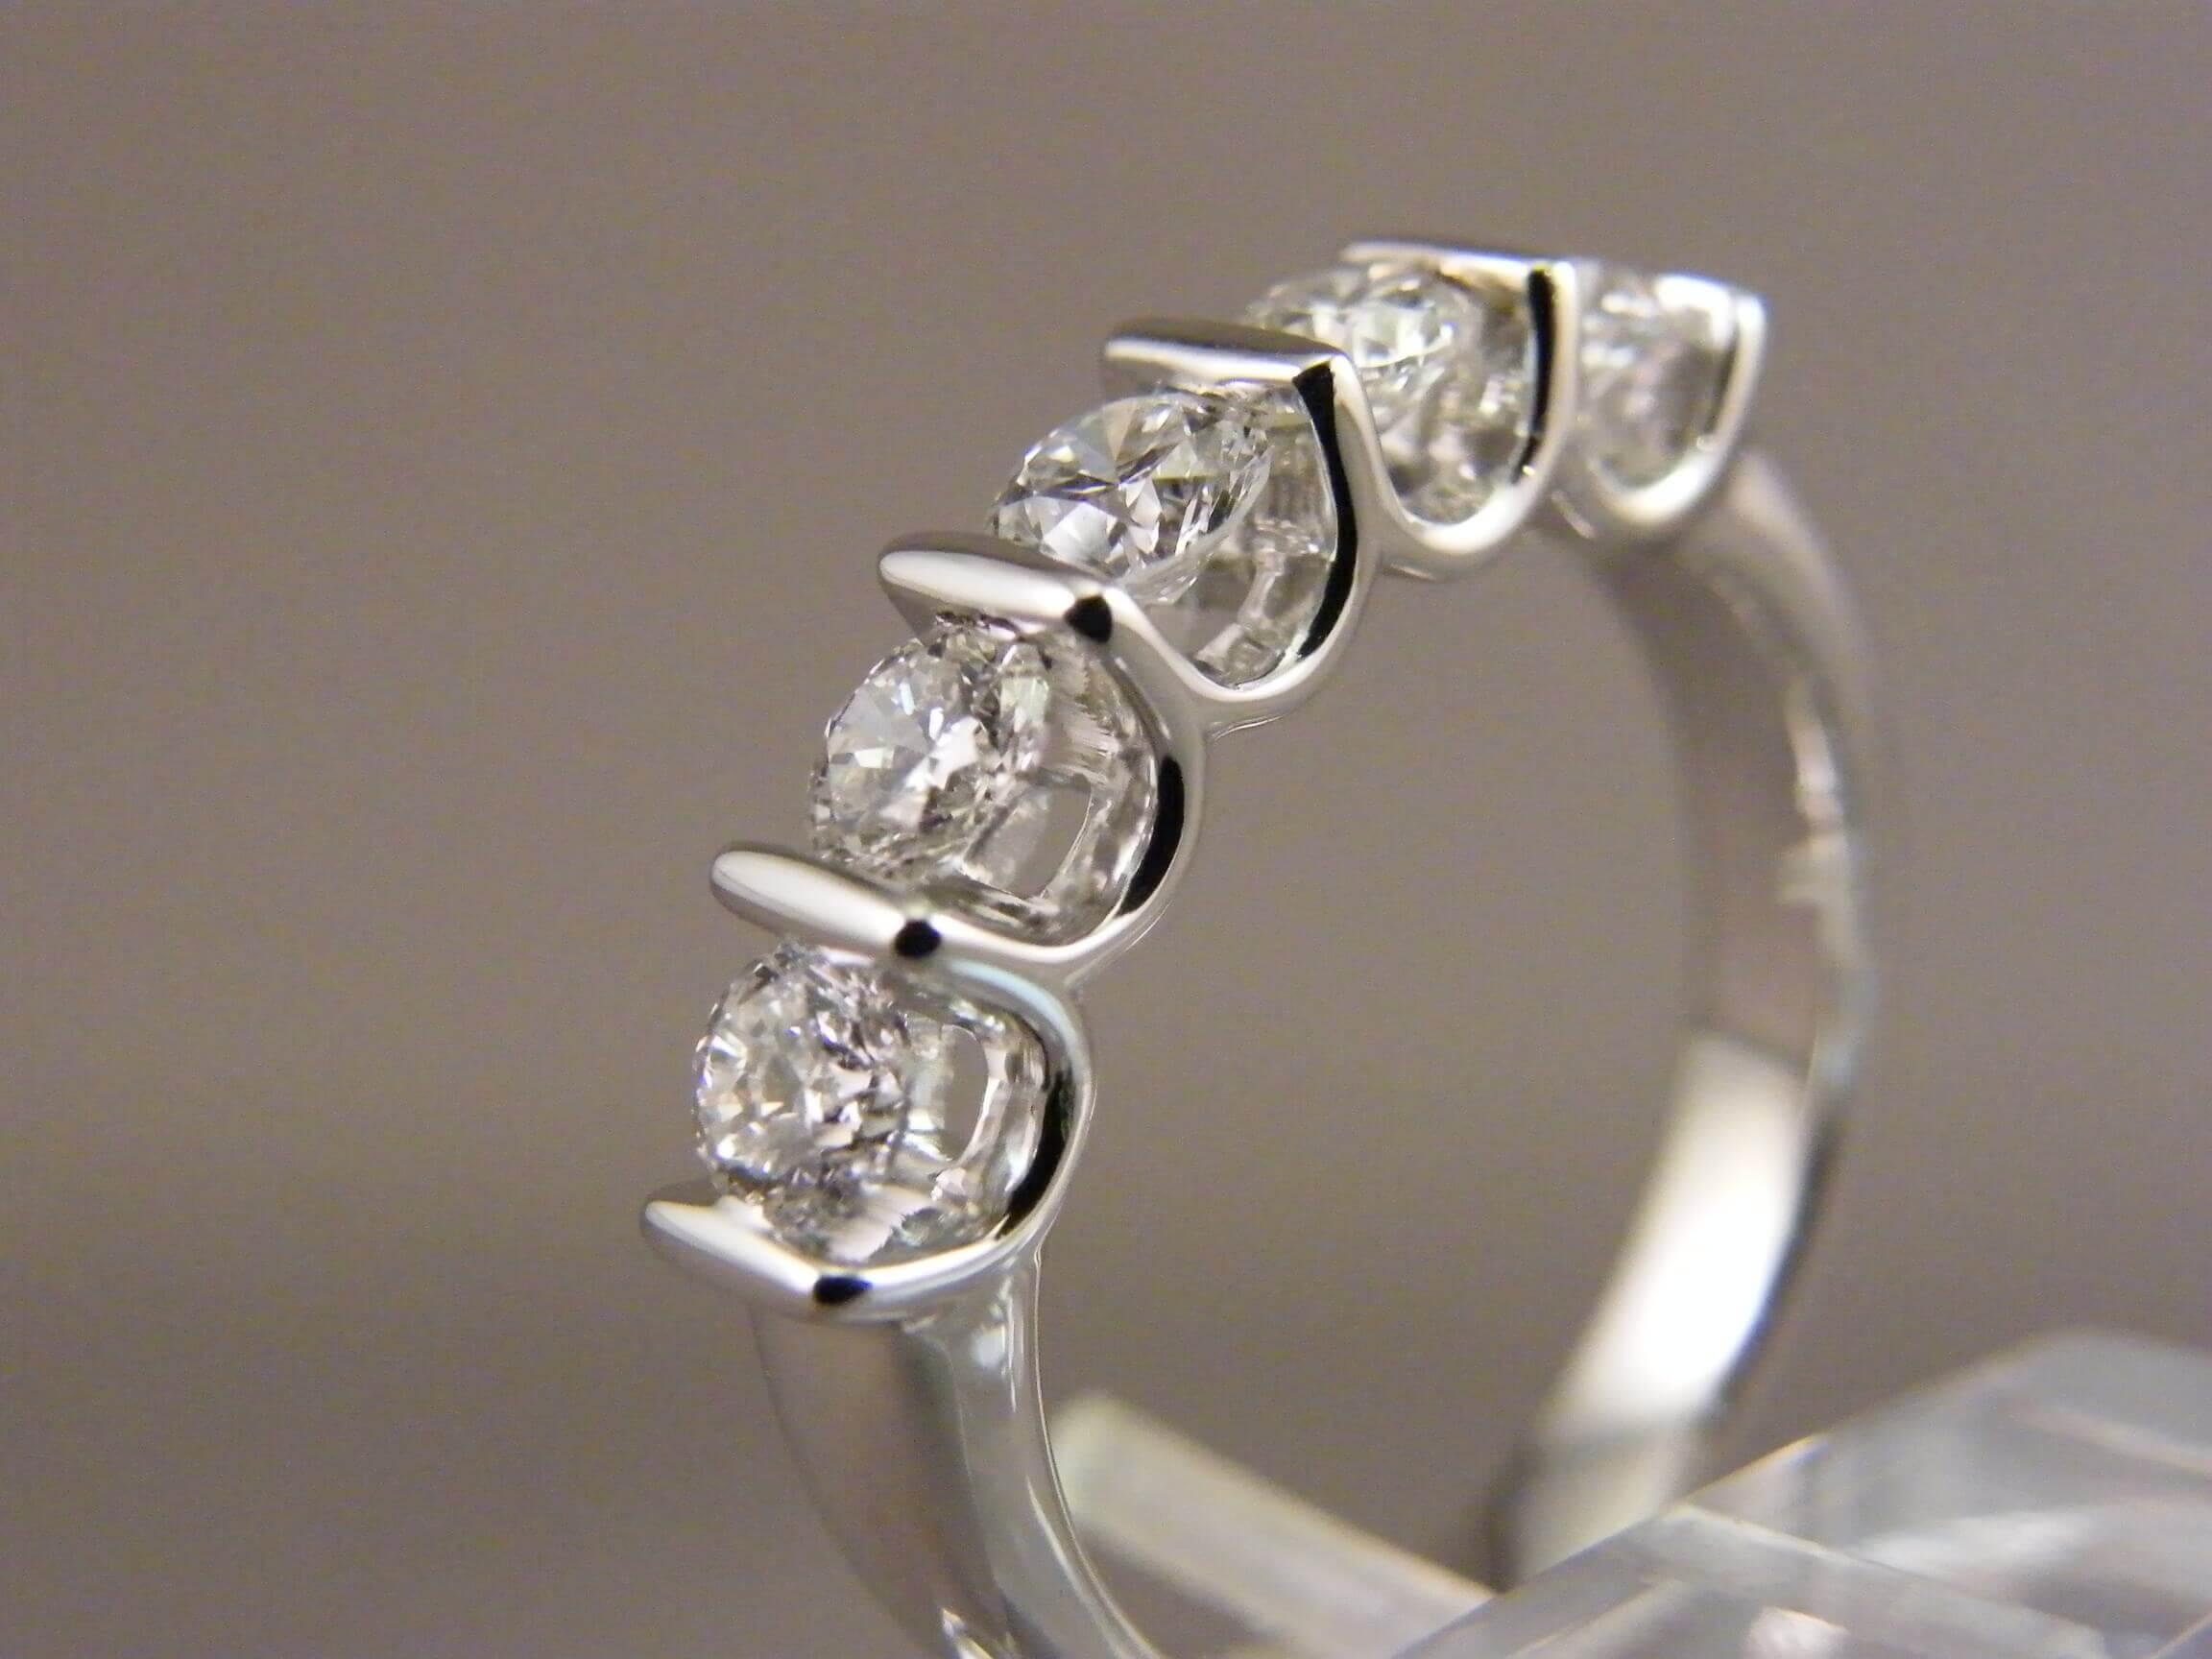 juwelier geldrop